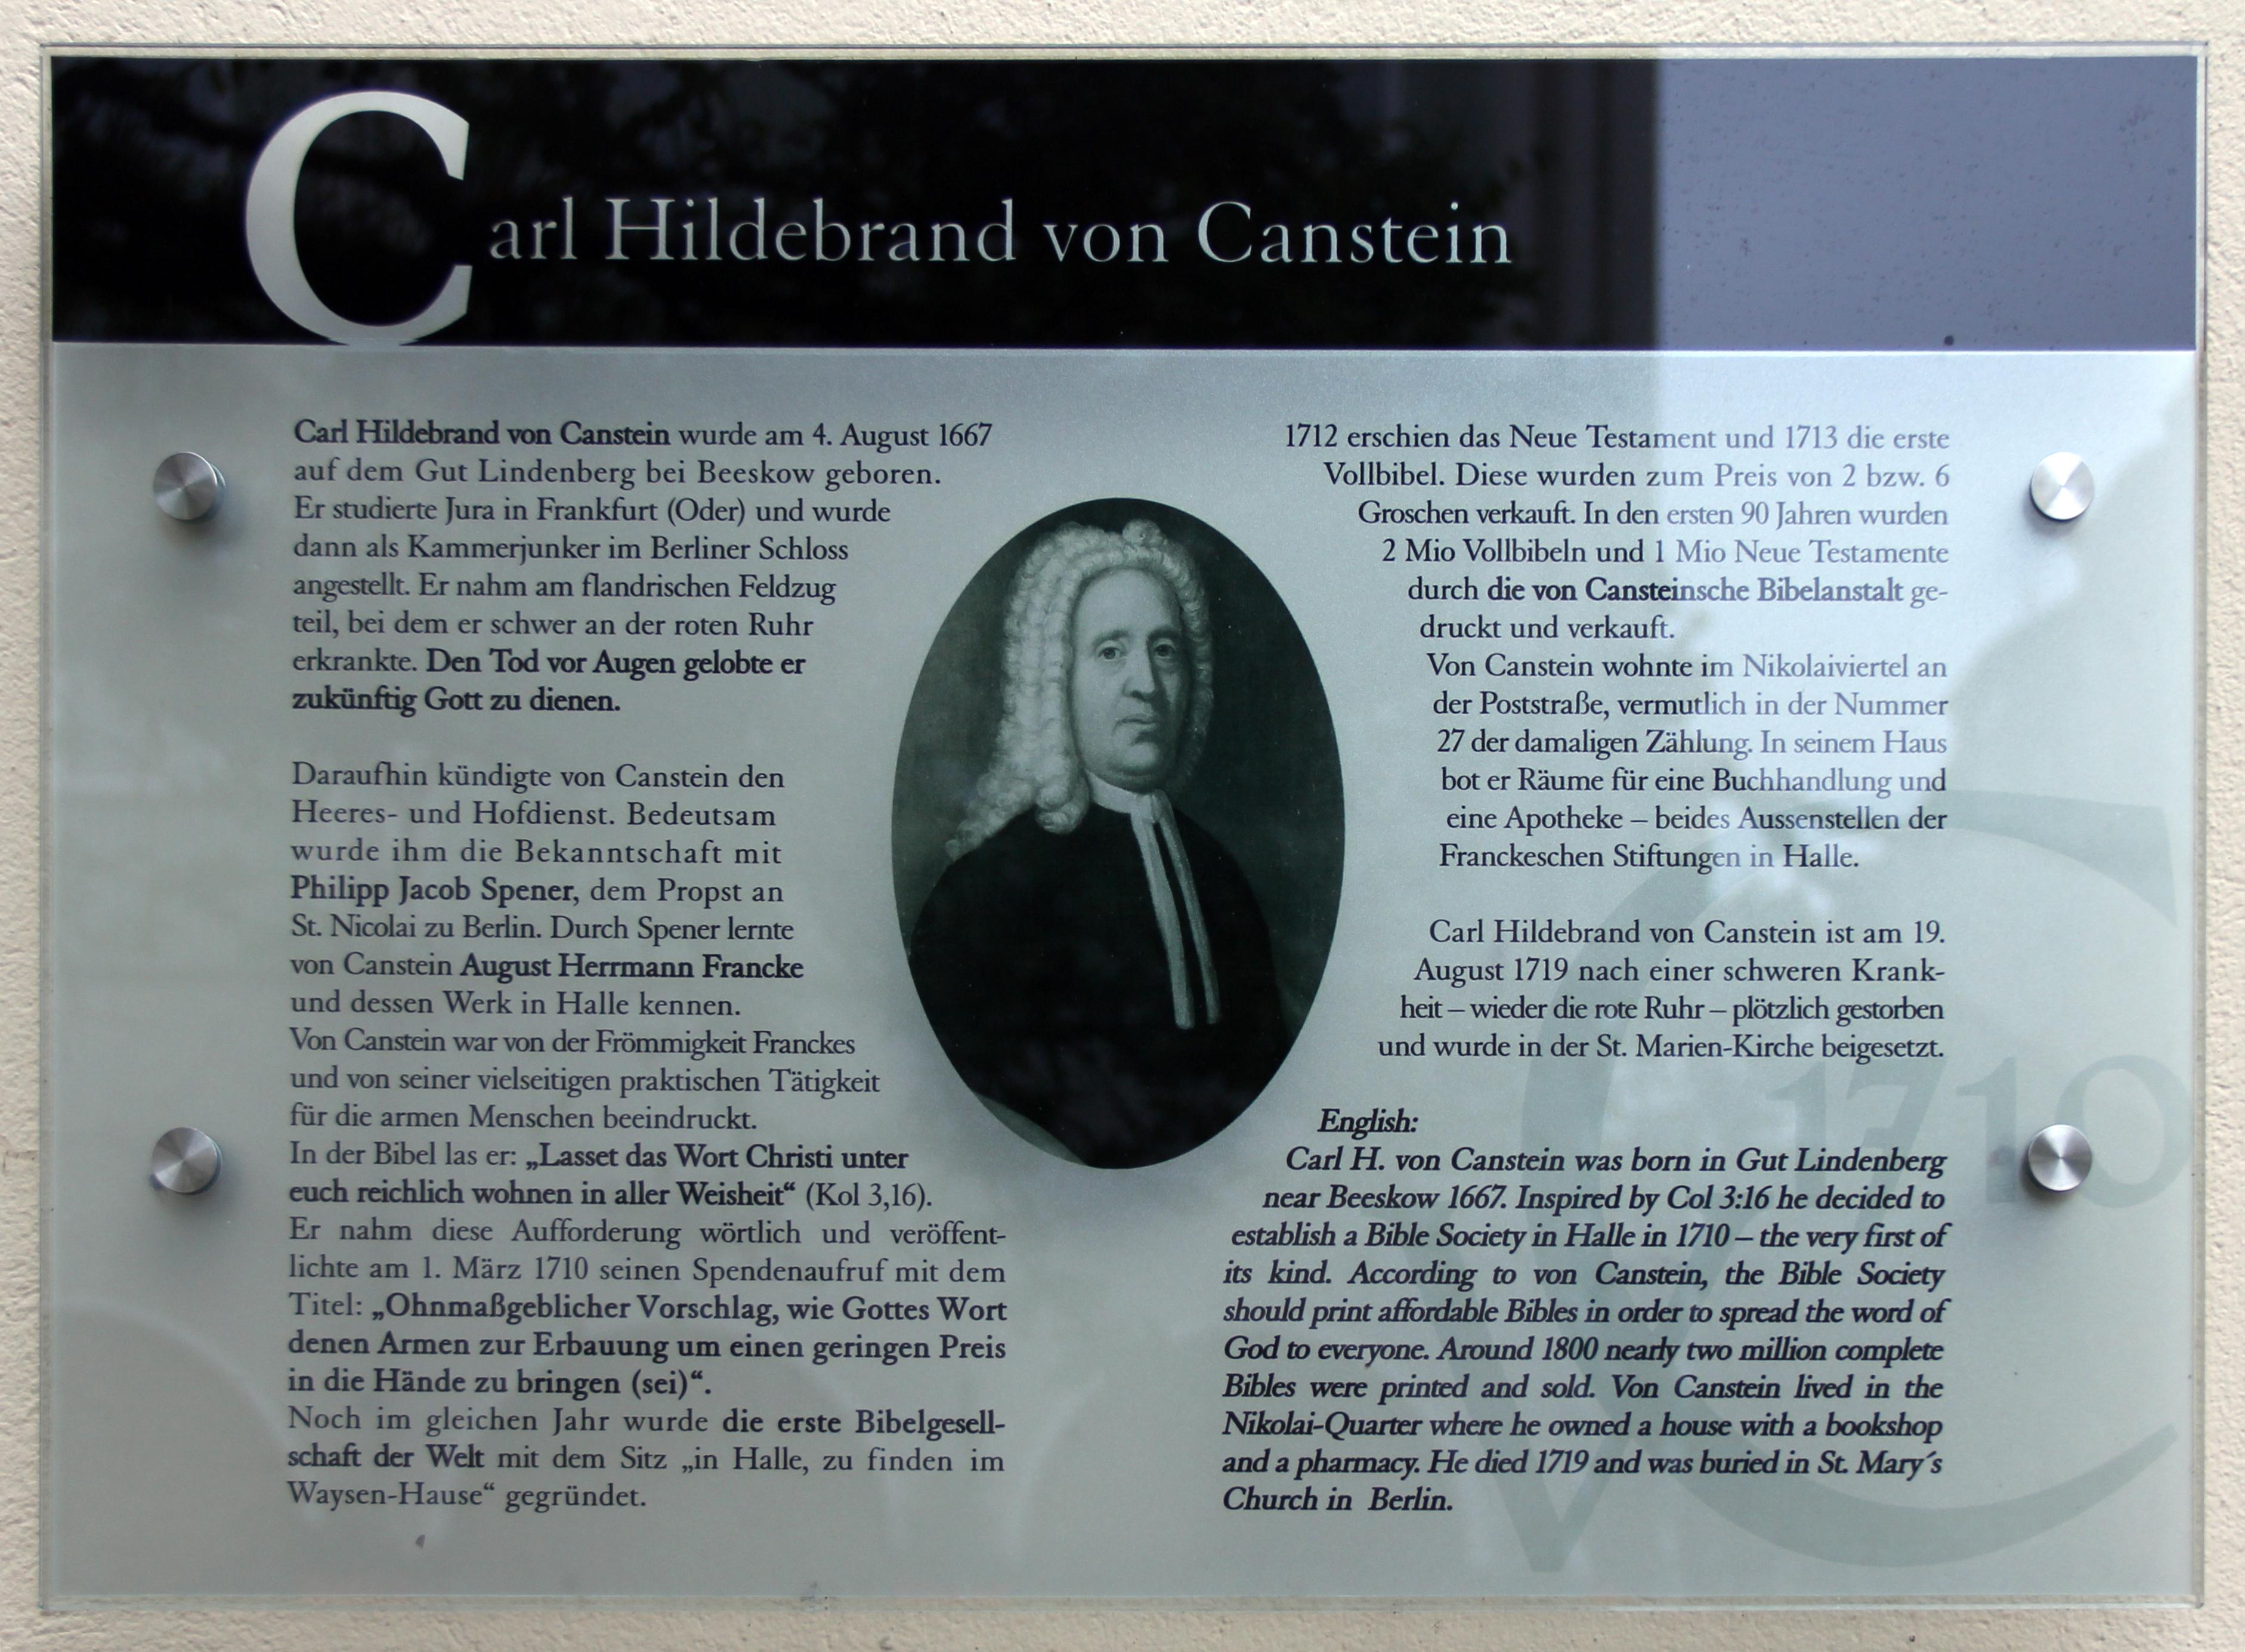 Carl Hildebrand von Canstein